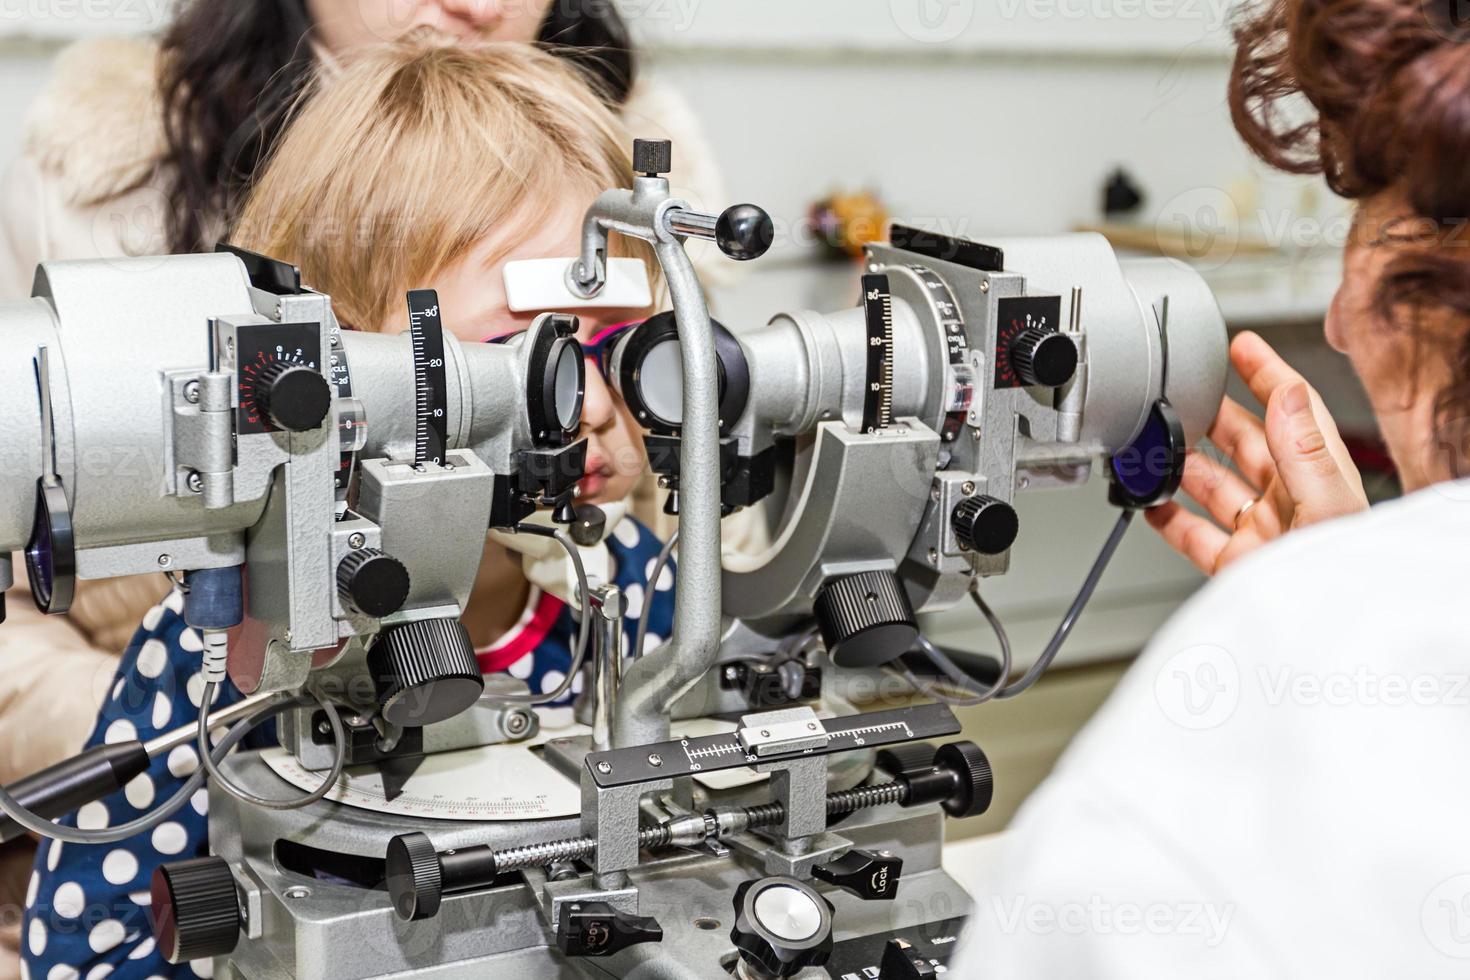 optometrista con paciente, dando un examen ocular foto